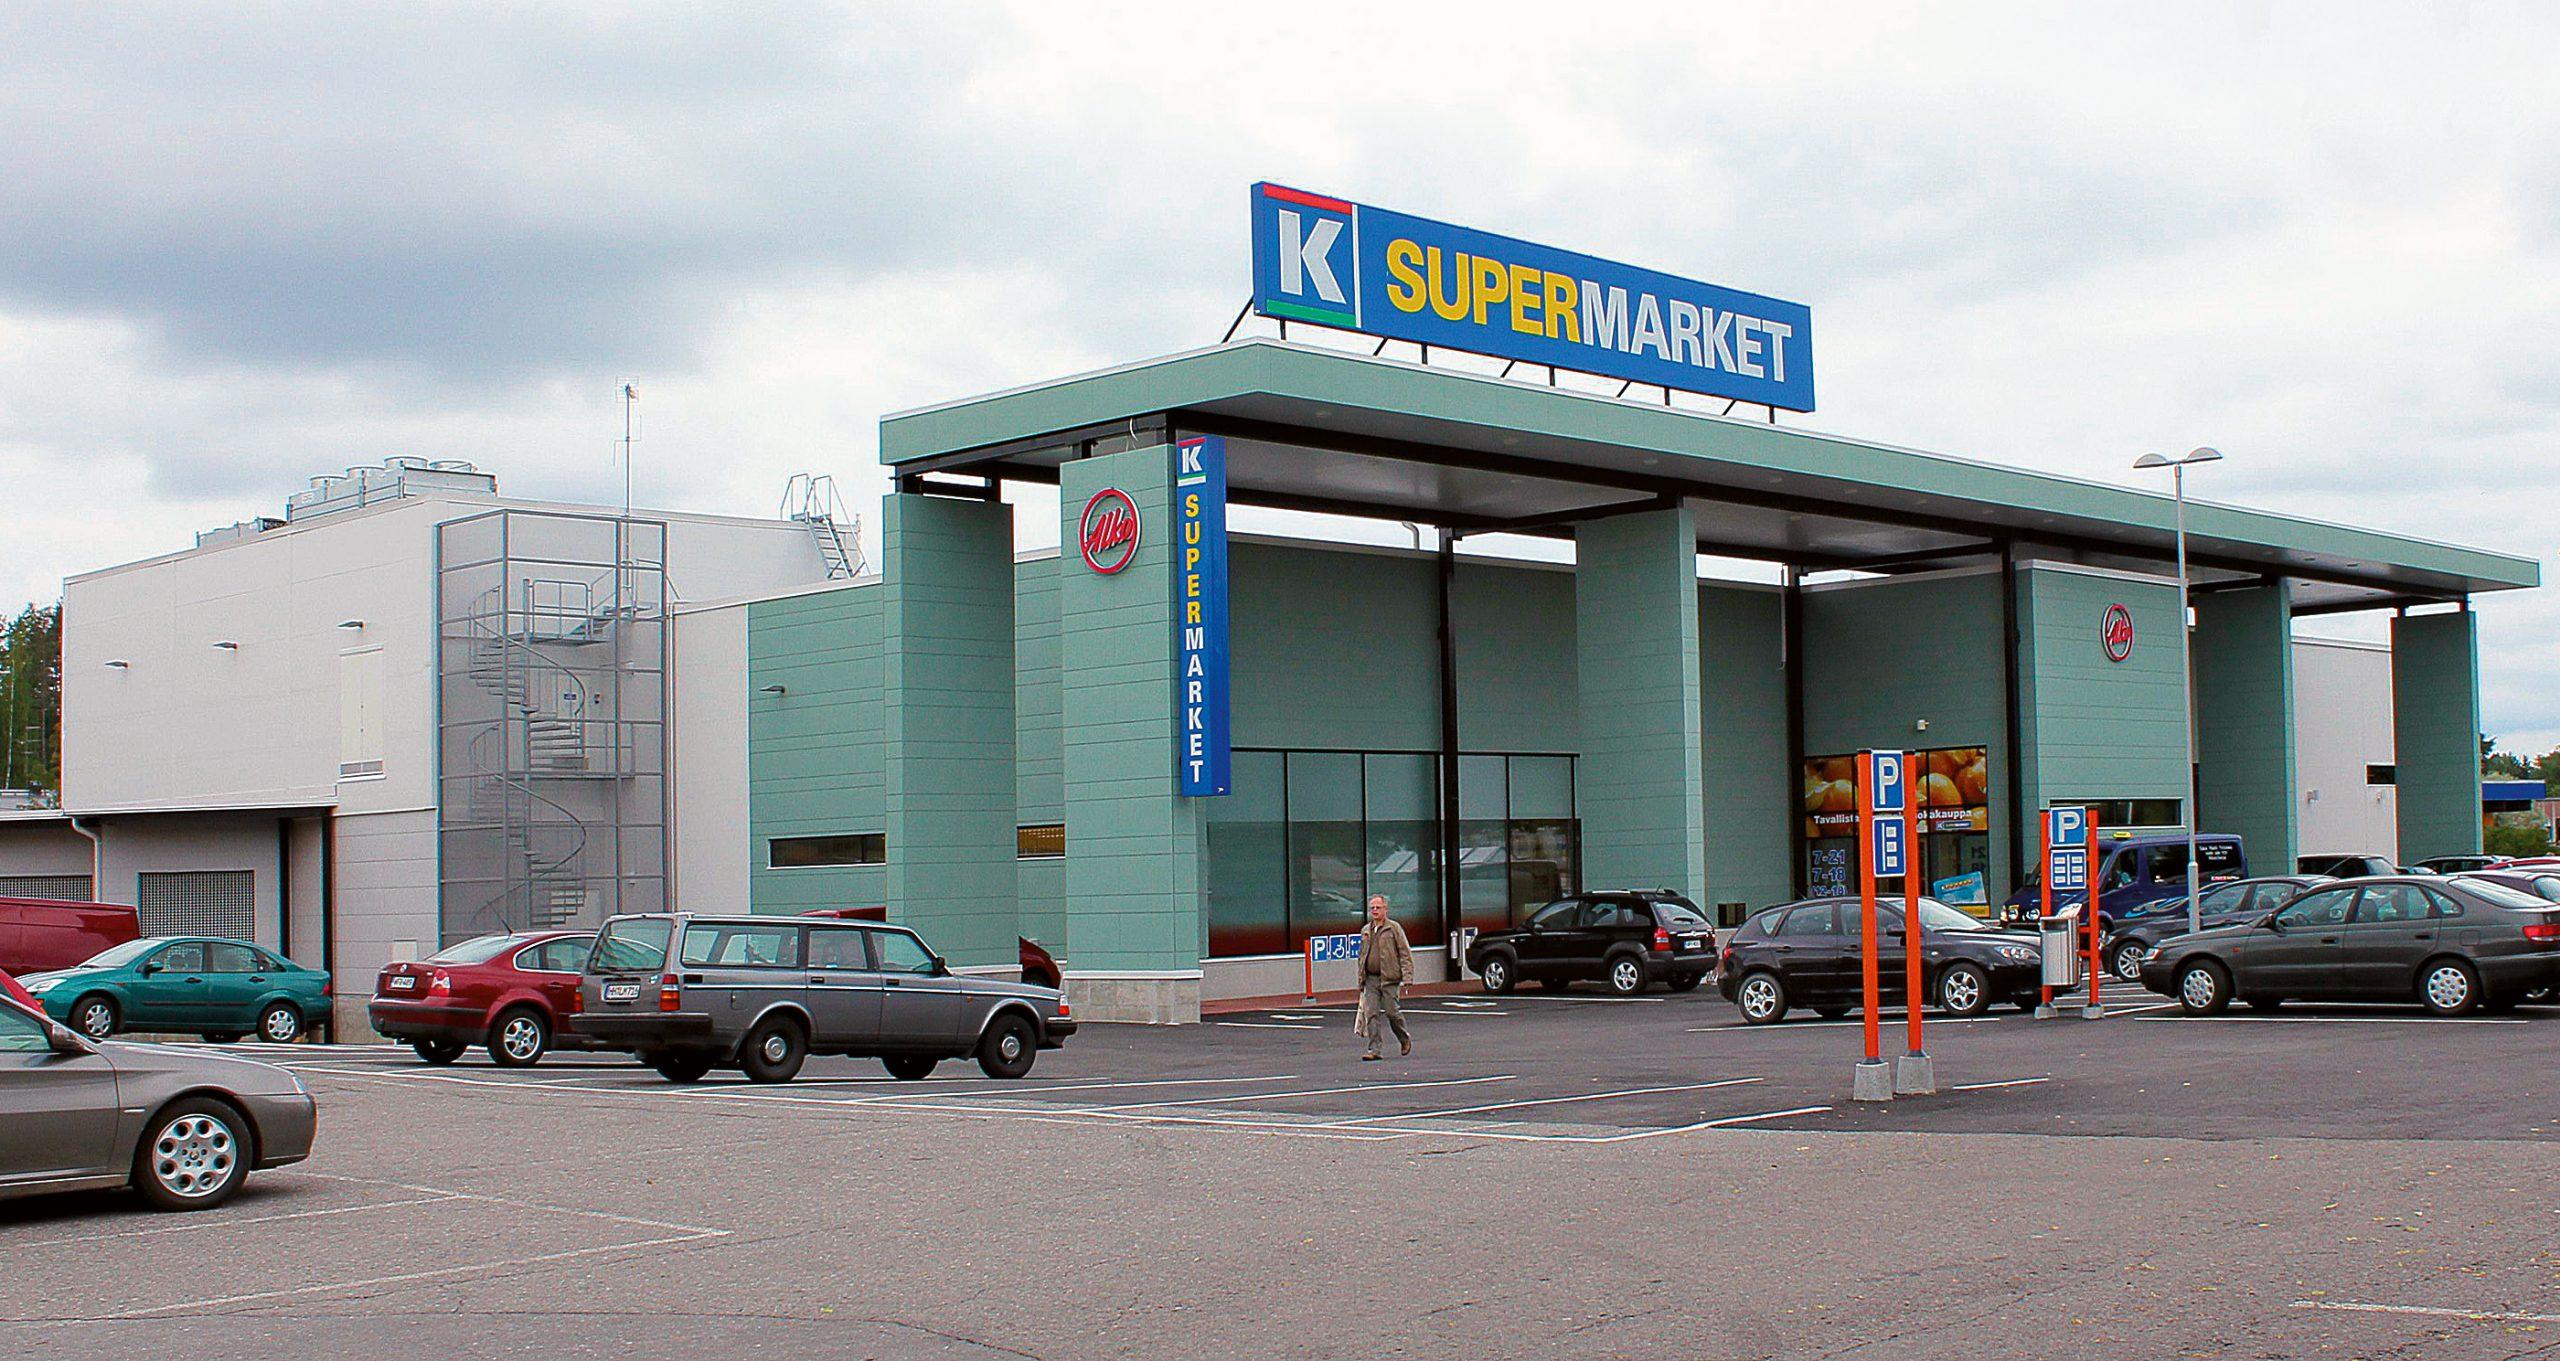 K Supermarket Mäntyharju